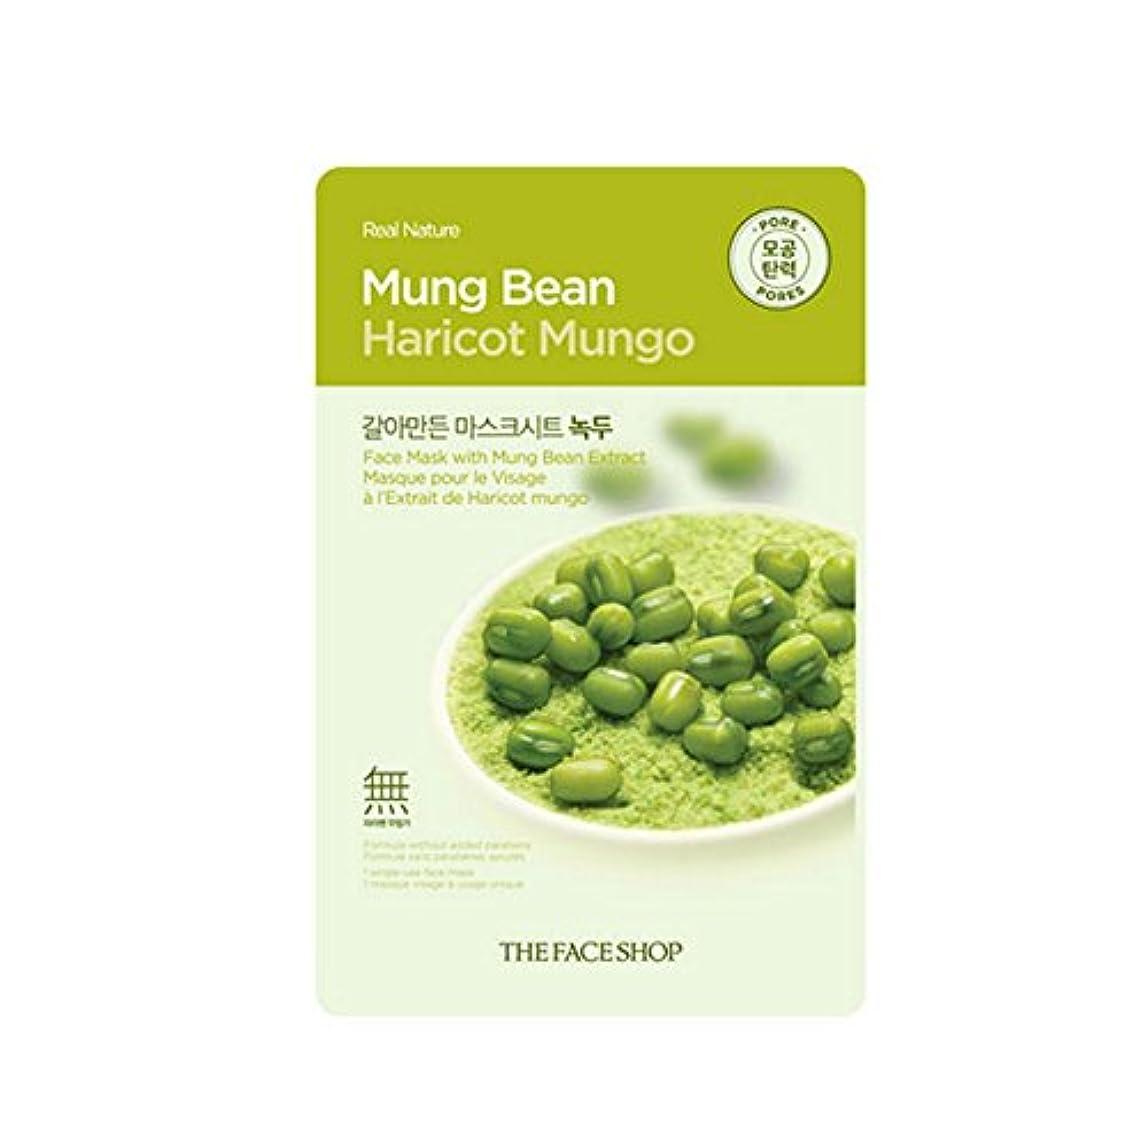 解読する不要浜辺[The Face Shop] ザフェイスショップ リアルネイチャーマスクシート Real Nature Mask Sheet (Mung Bean (緑豆) 10個) [並行輸入品]